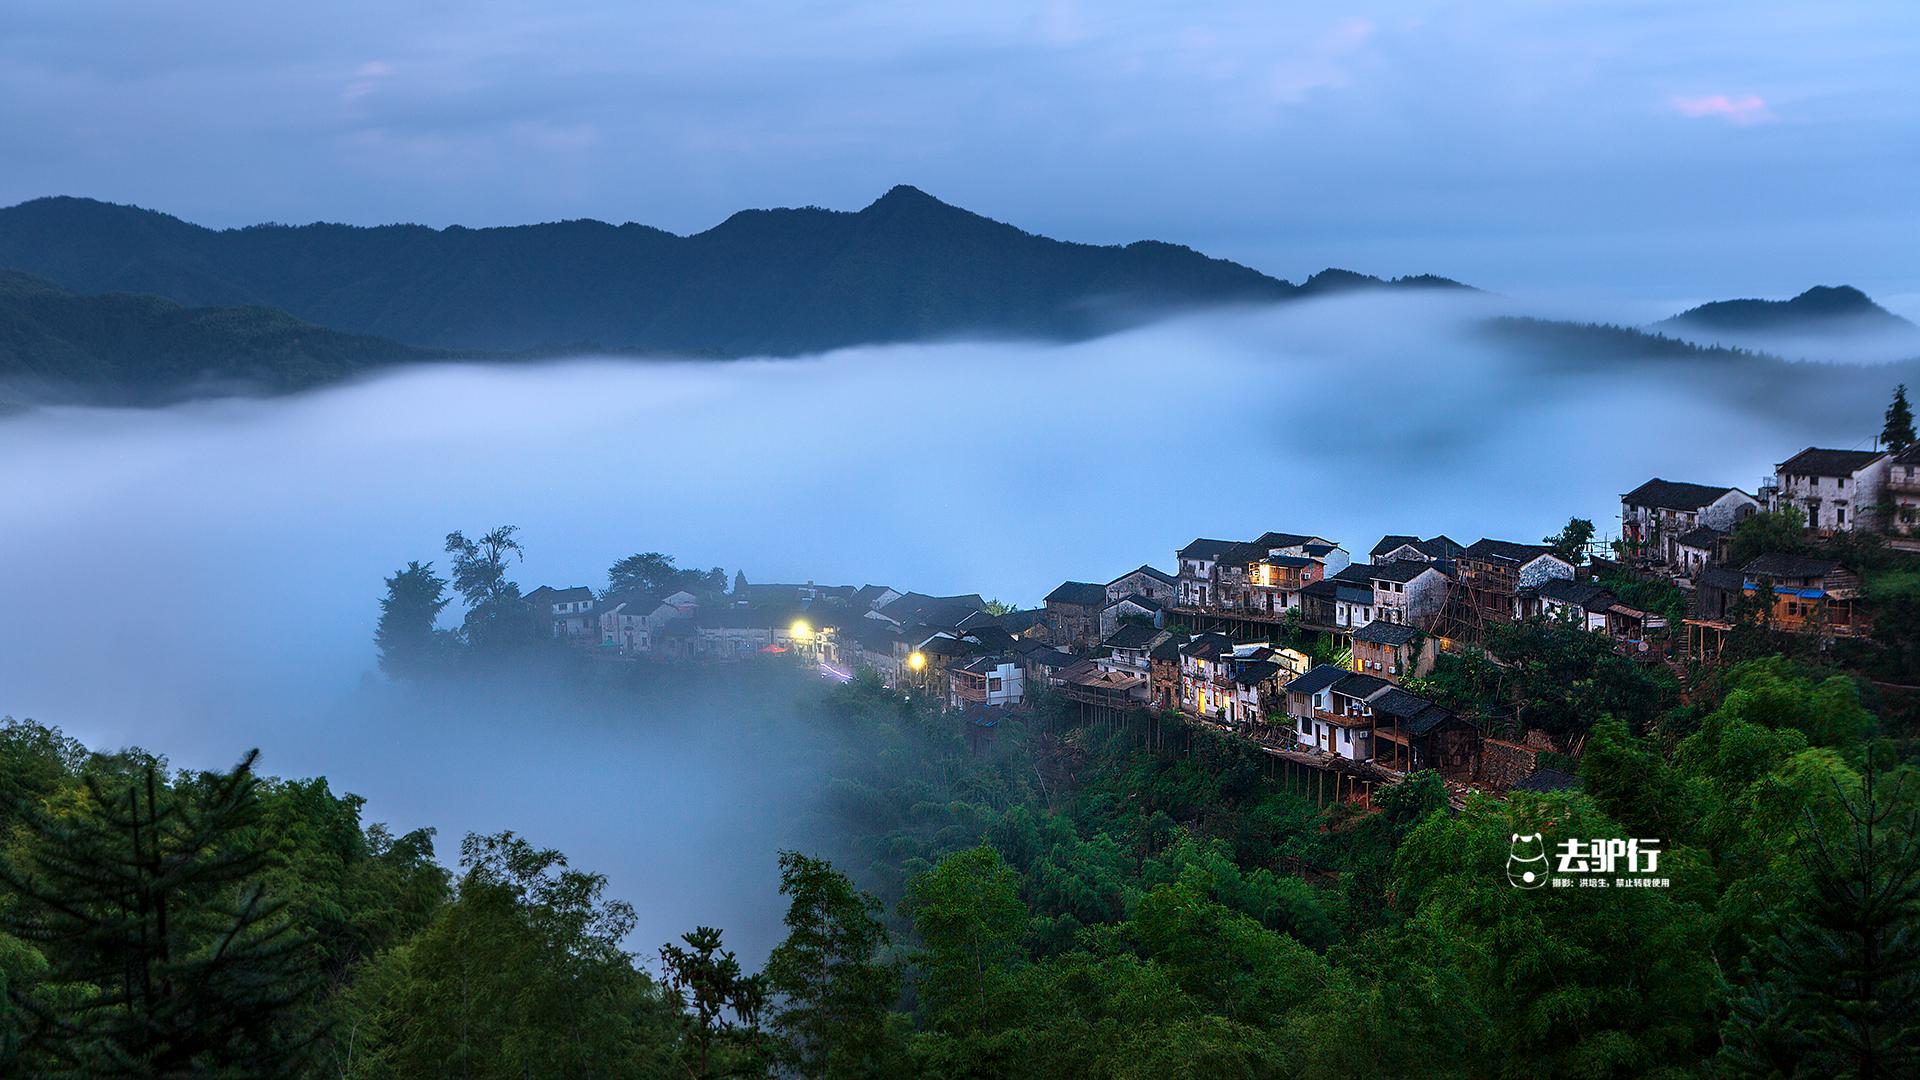 云端上的仙境古村:深处在安徽大山里,醒来就能看到云海